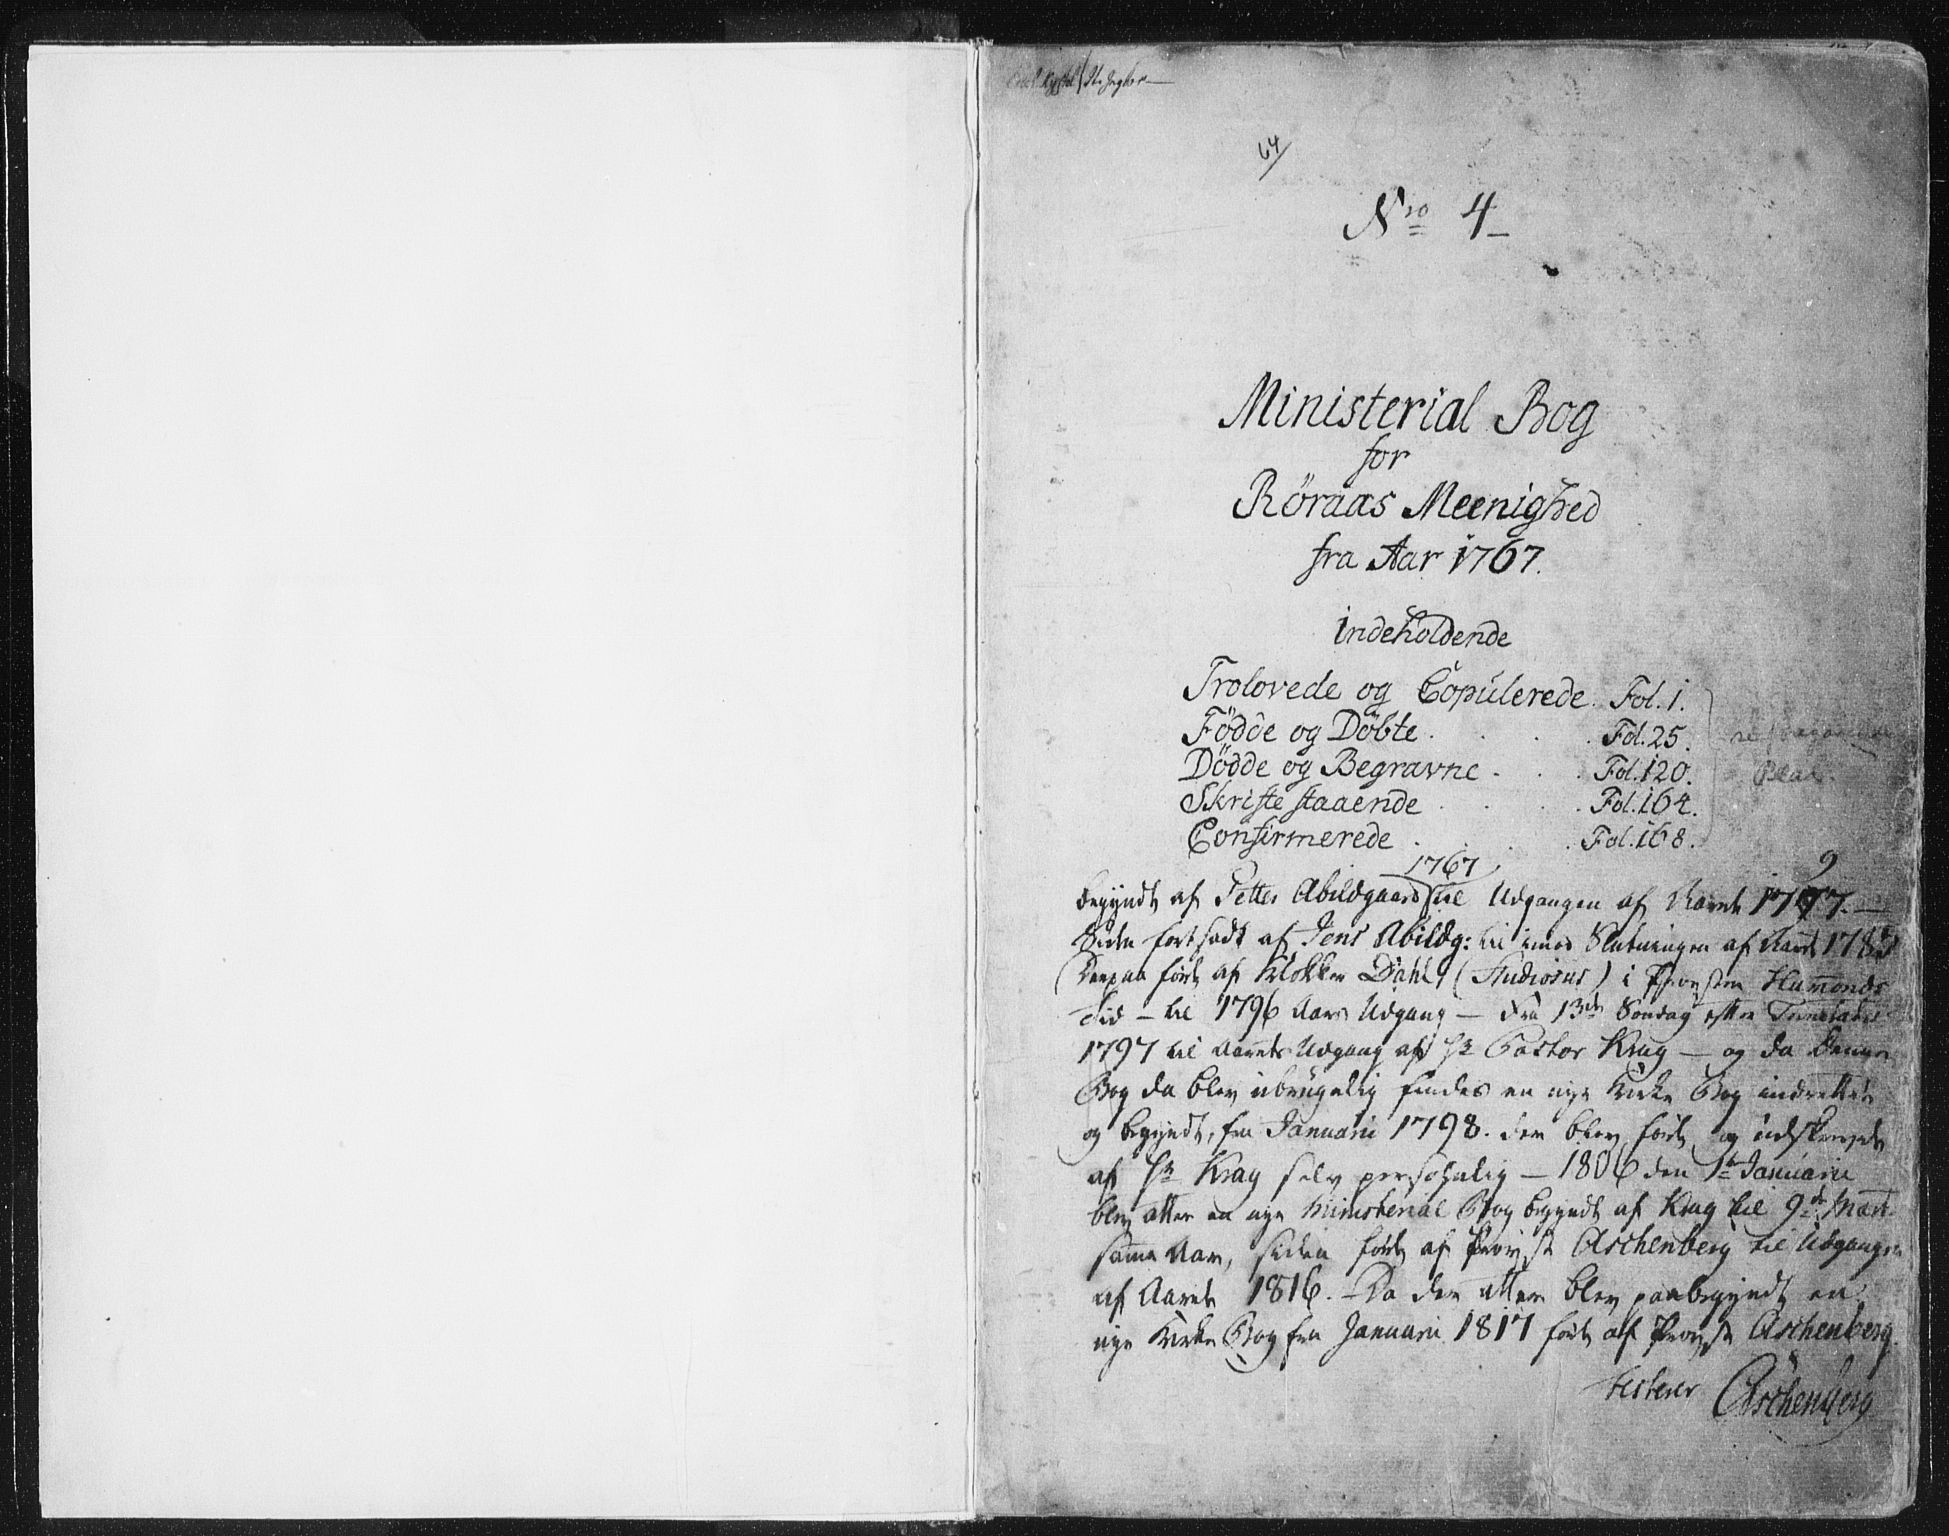 SAT, Ministerialprotokoller, klokkerbøker og fødselsregistre - Sør-Trøndelag, 681/L0926: Ministerialbok nr. 681A04, 1767-1797